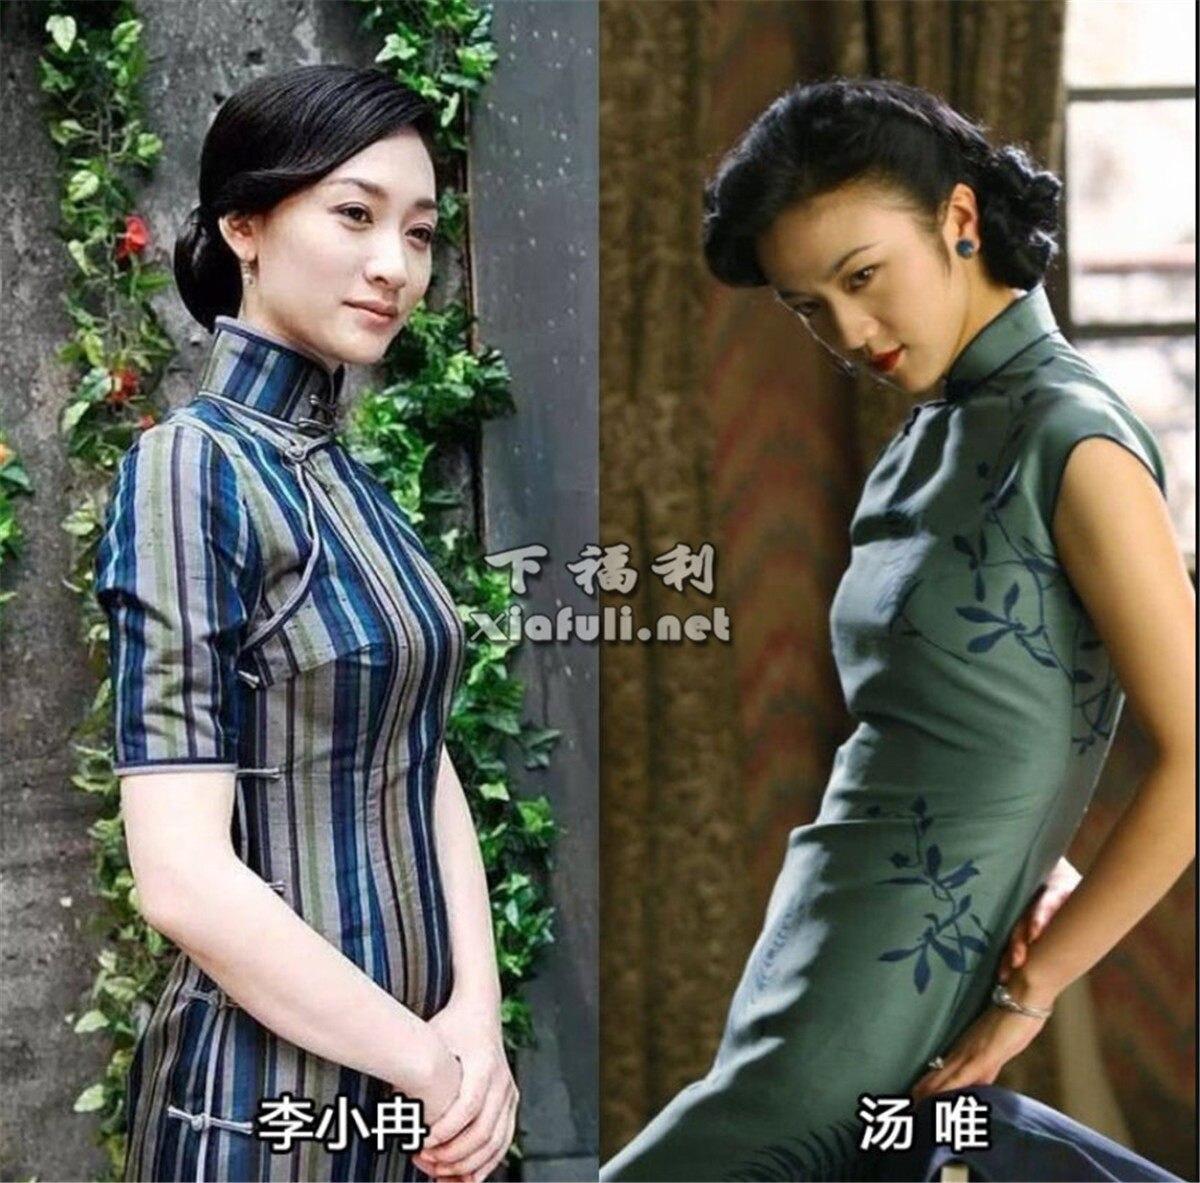 当娱乐圈女星穿上旗袍,你觉得谁最好看 ?插图12